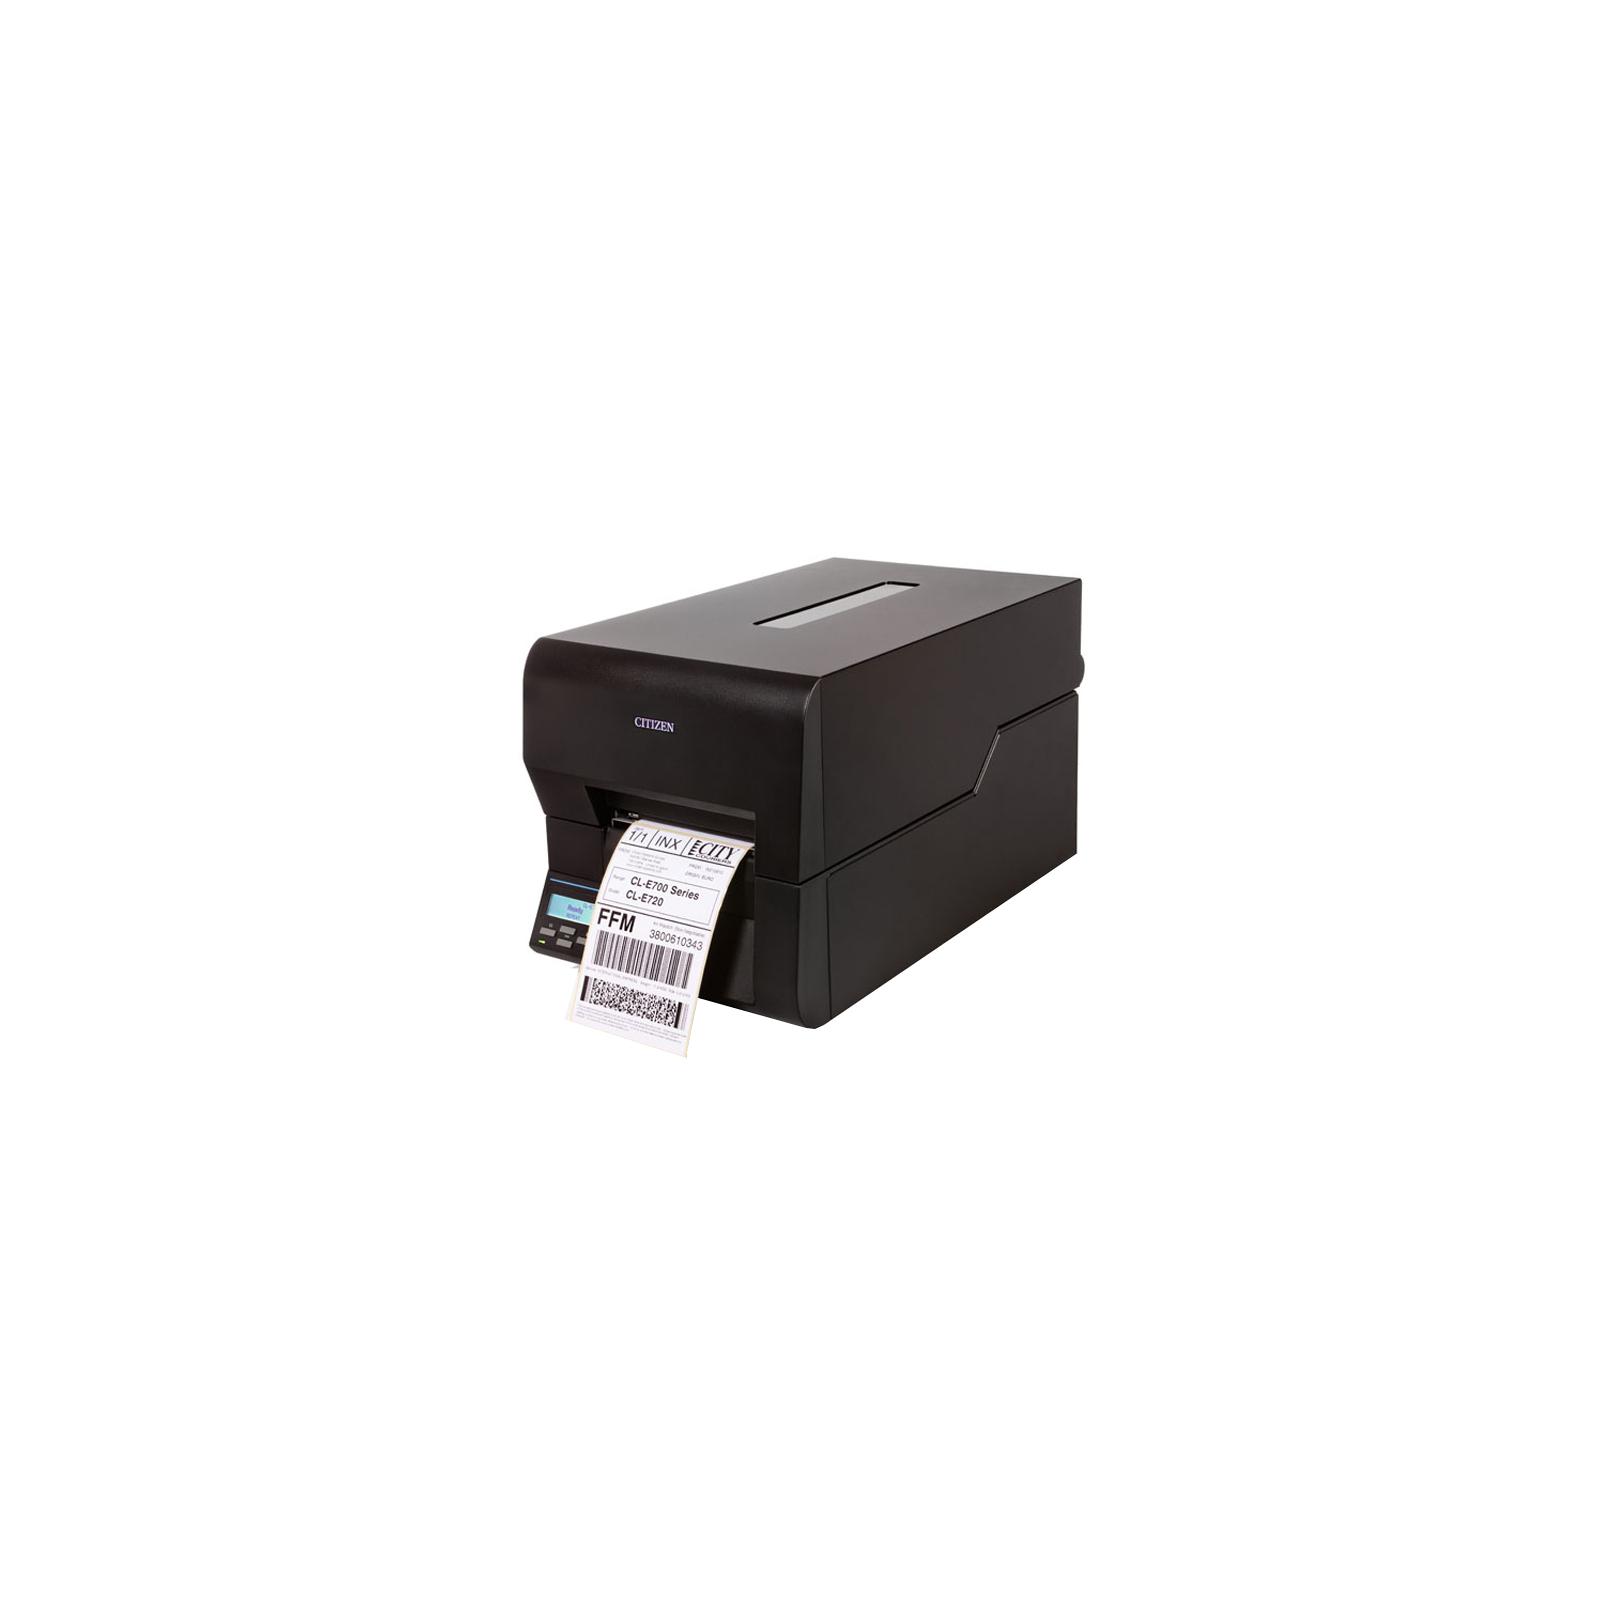 Принтер этикеток Citizen CL-E720 (1000853) изображение 2